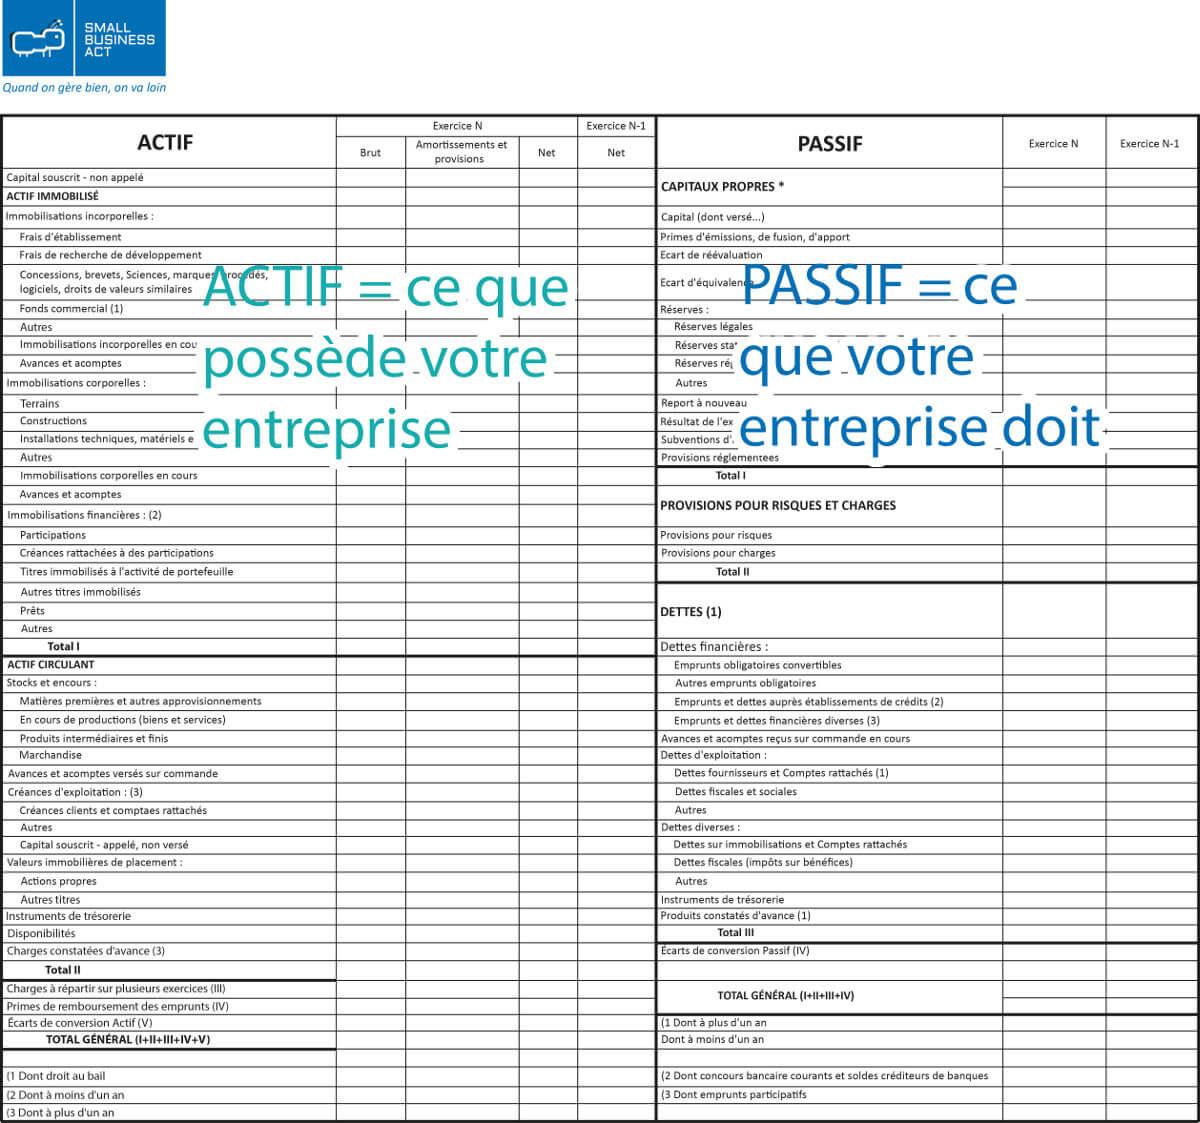 6 Clés pour lire, analyser et comprendre votre bilan comptable - Actif et Passif du bilan